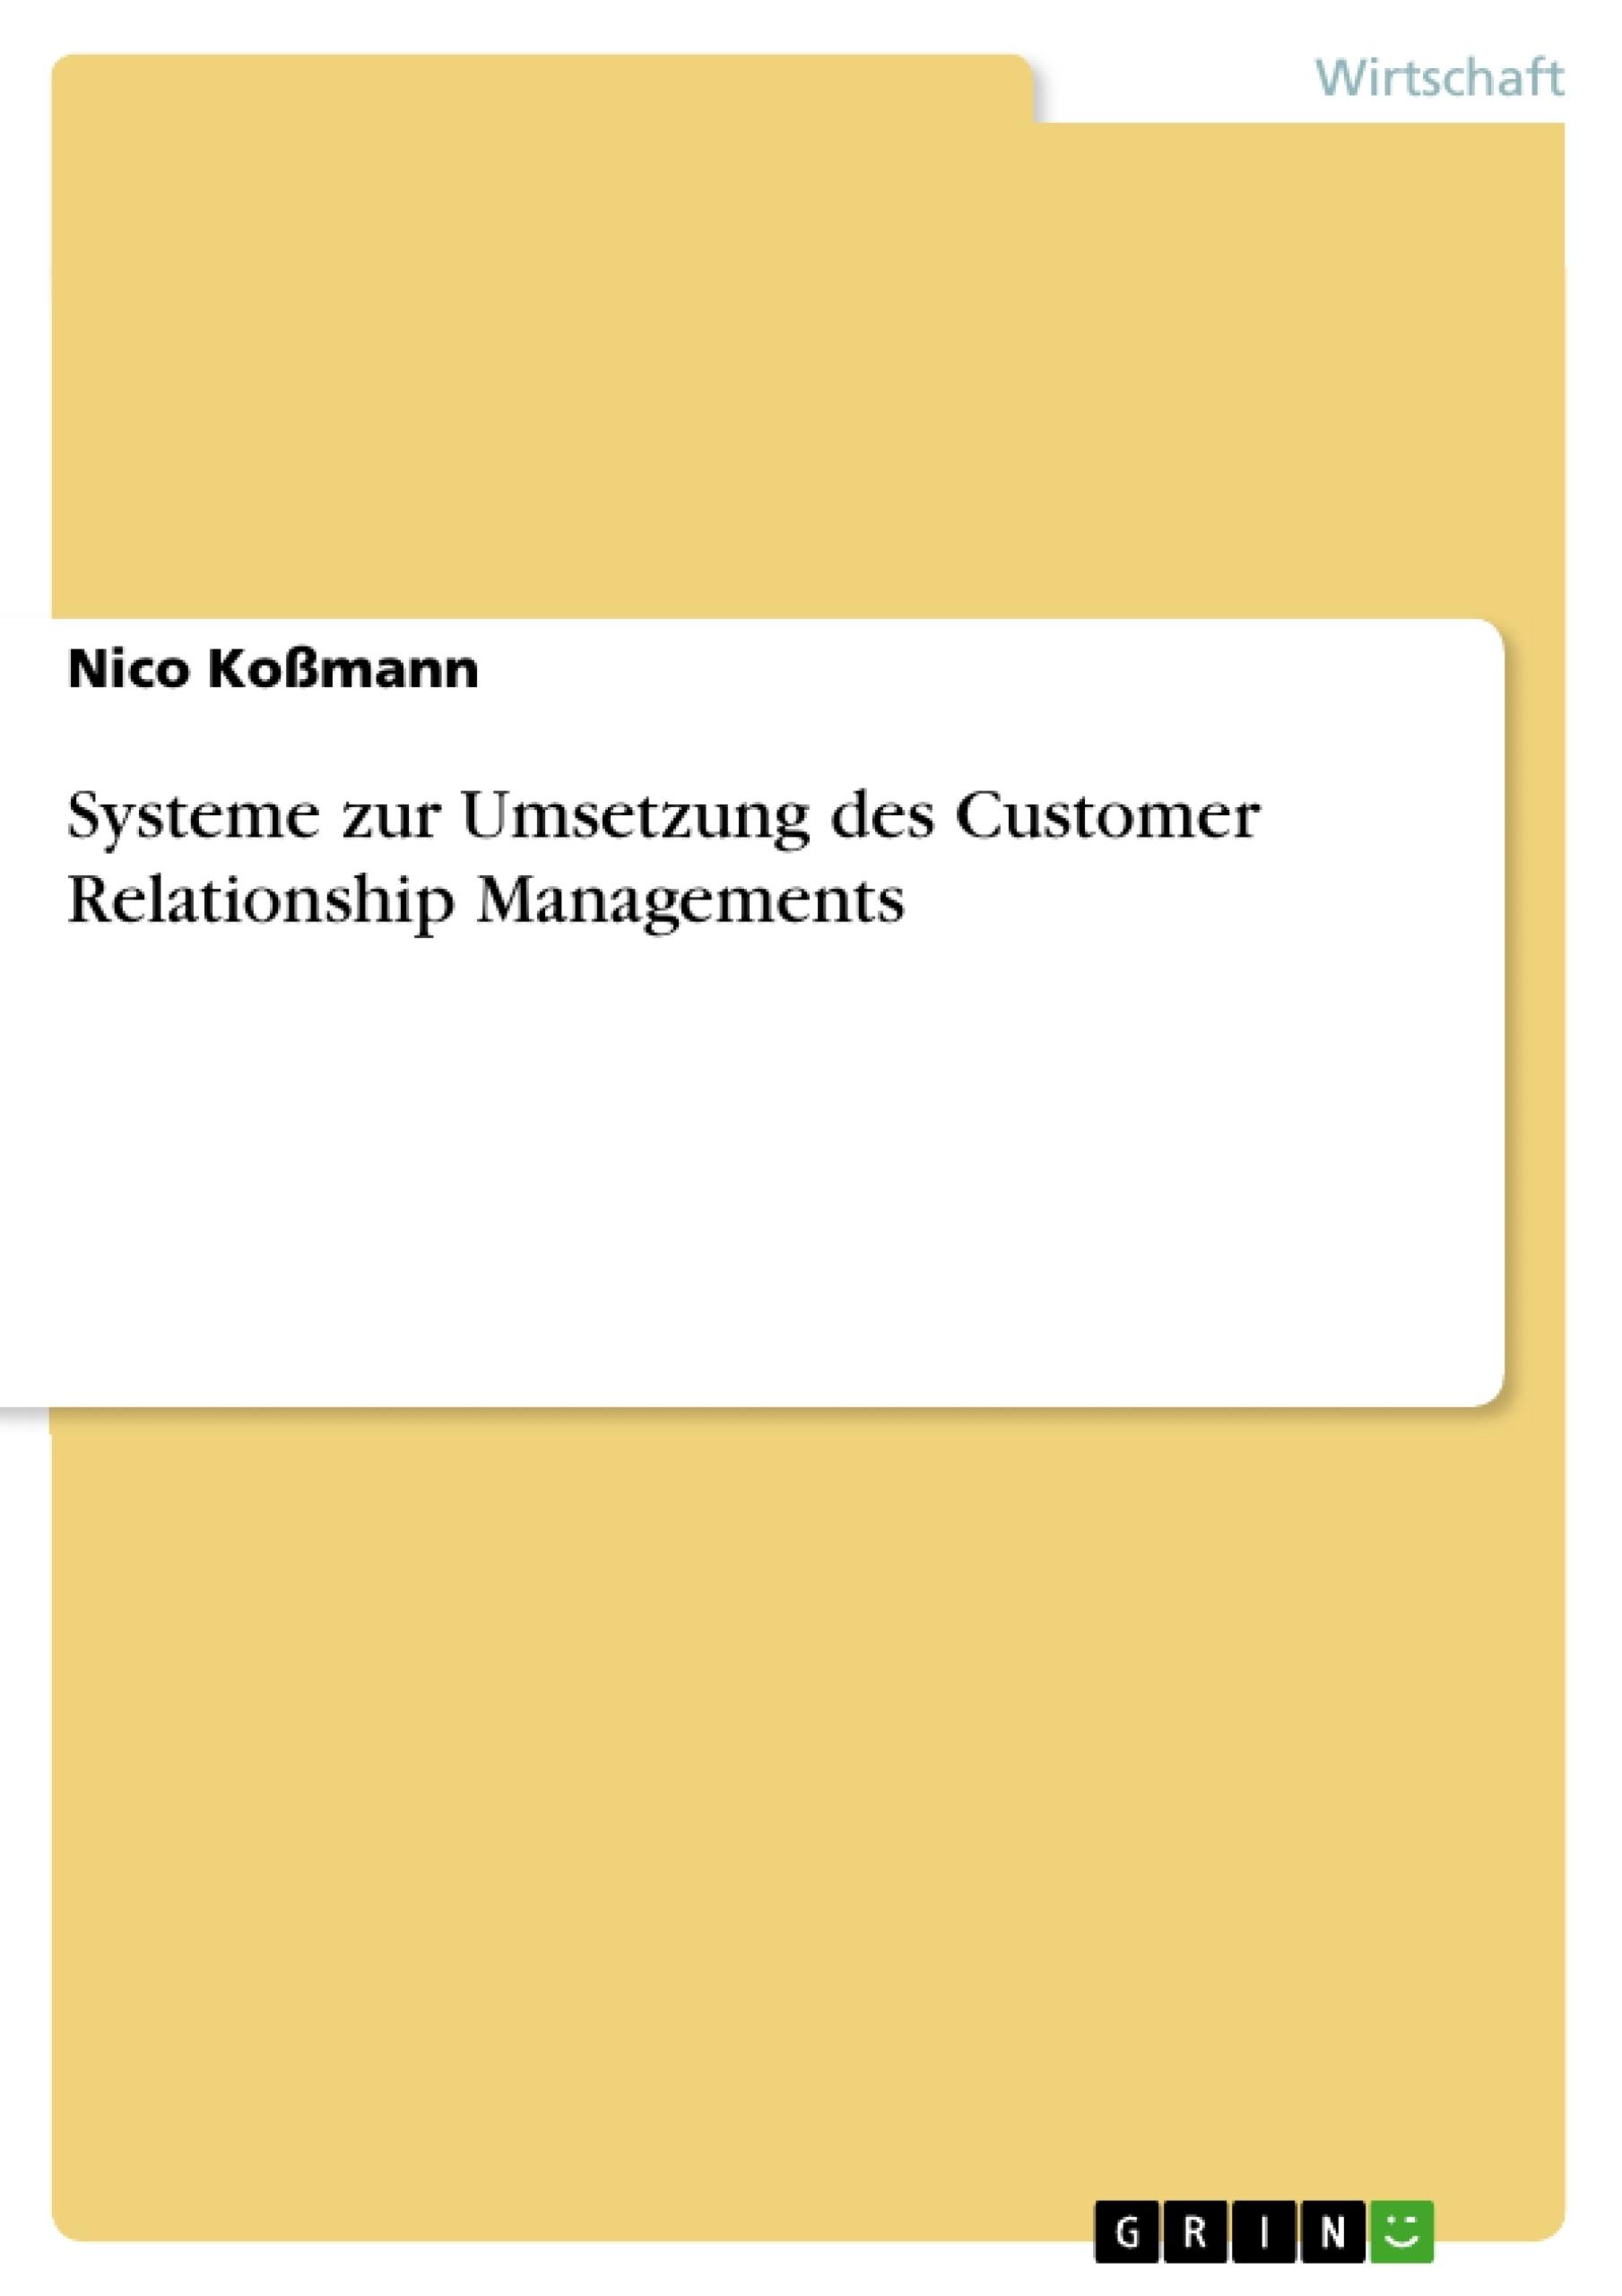 Titel: Systeme zur Umsetzung des Customer Relationship Managements